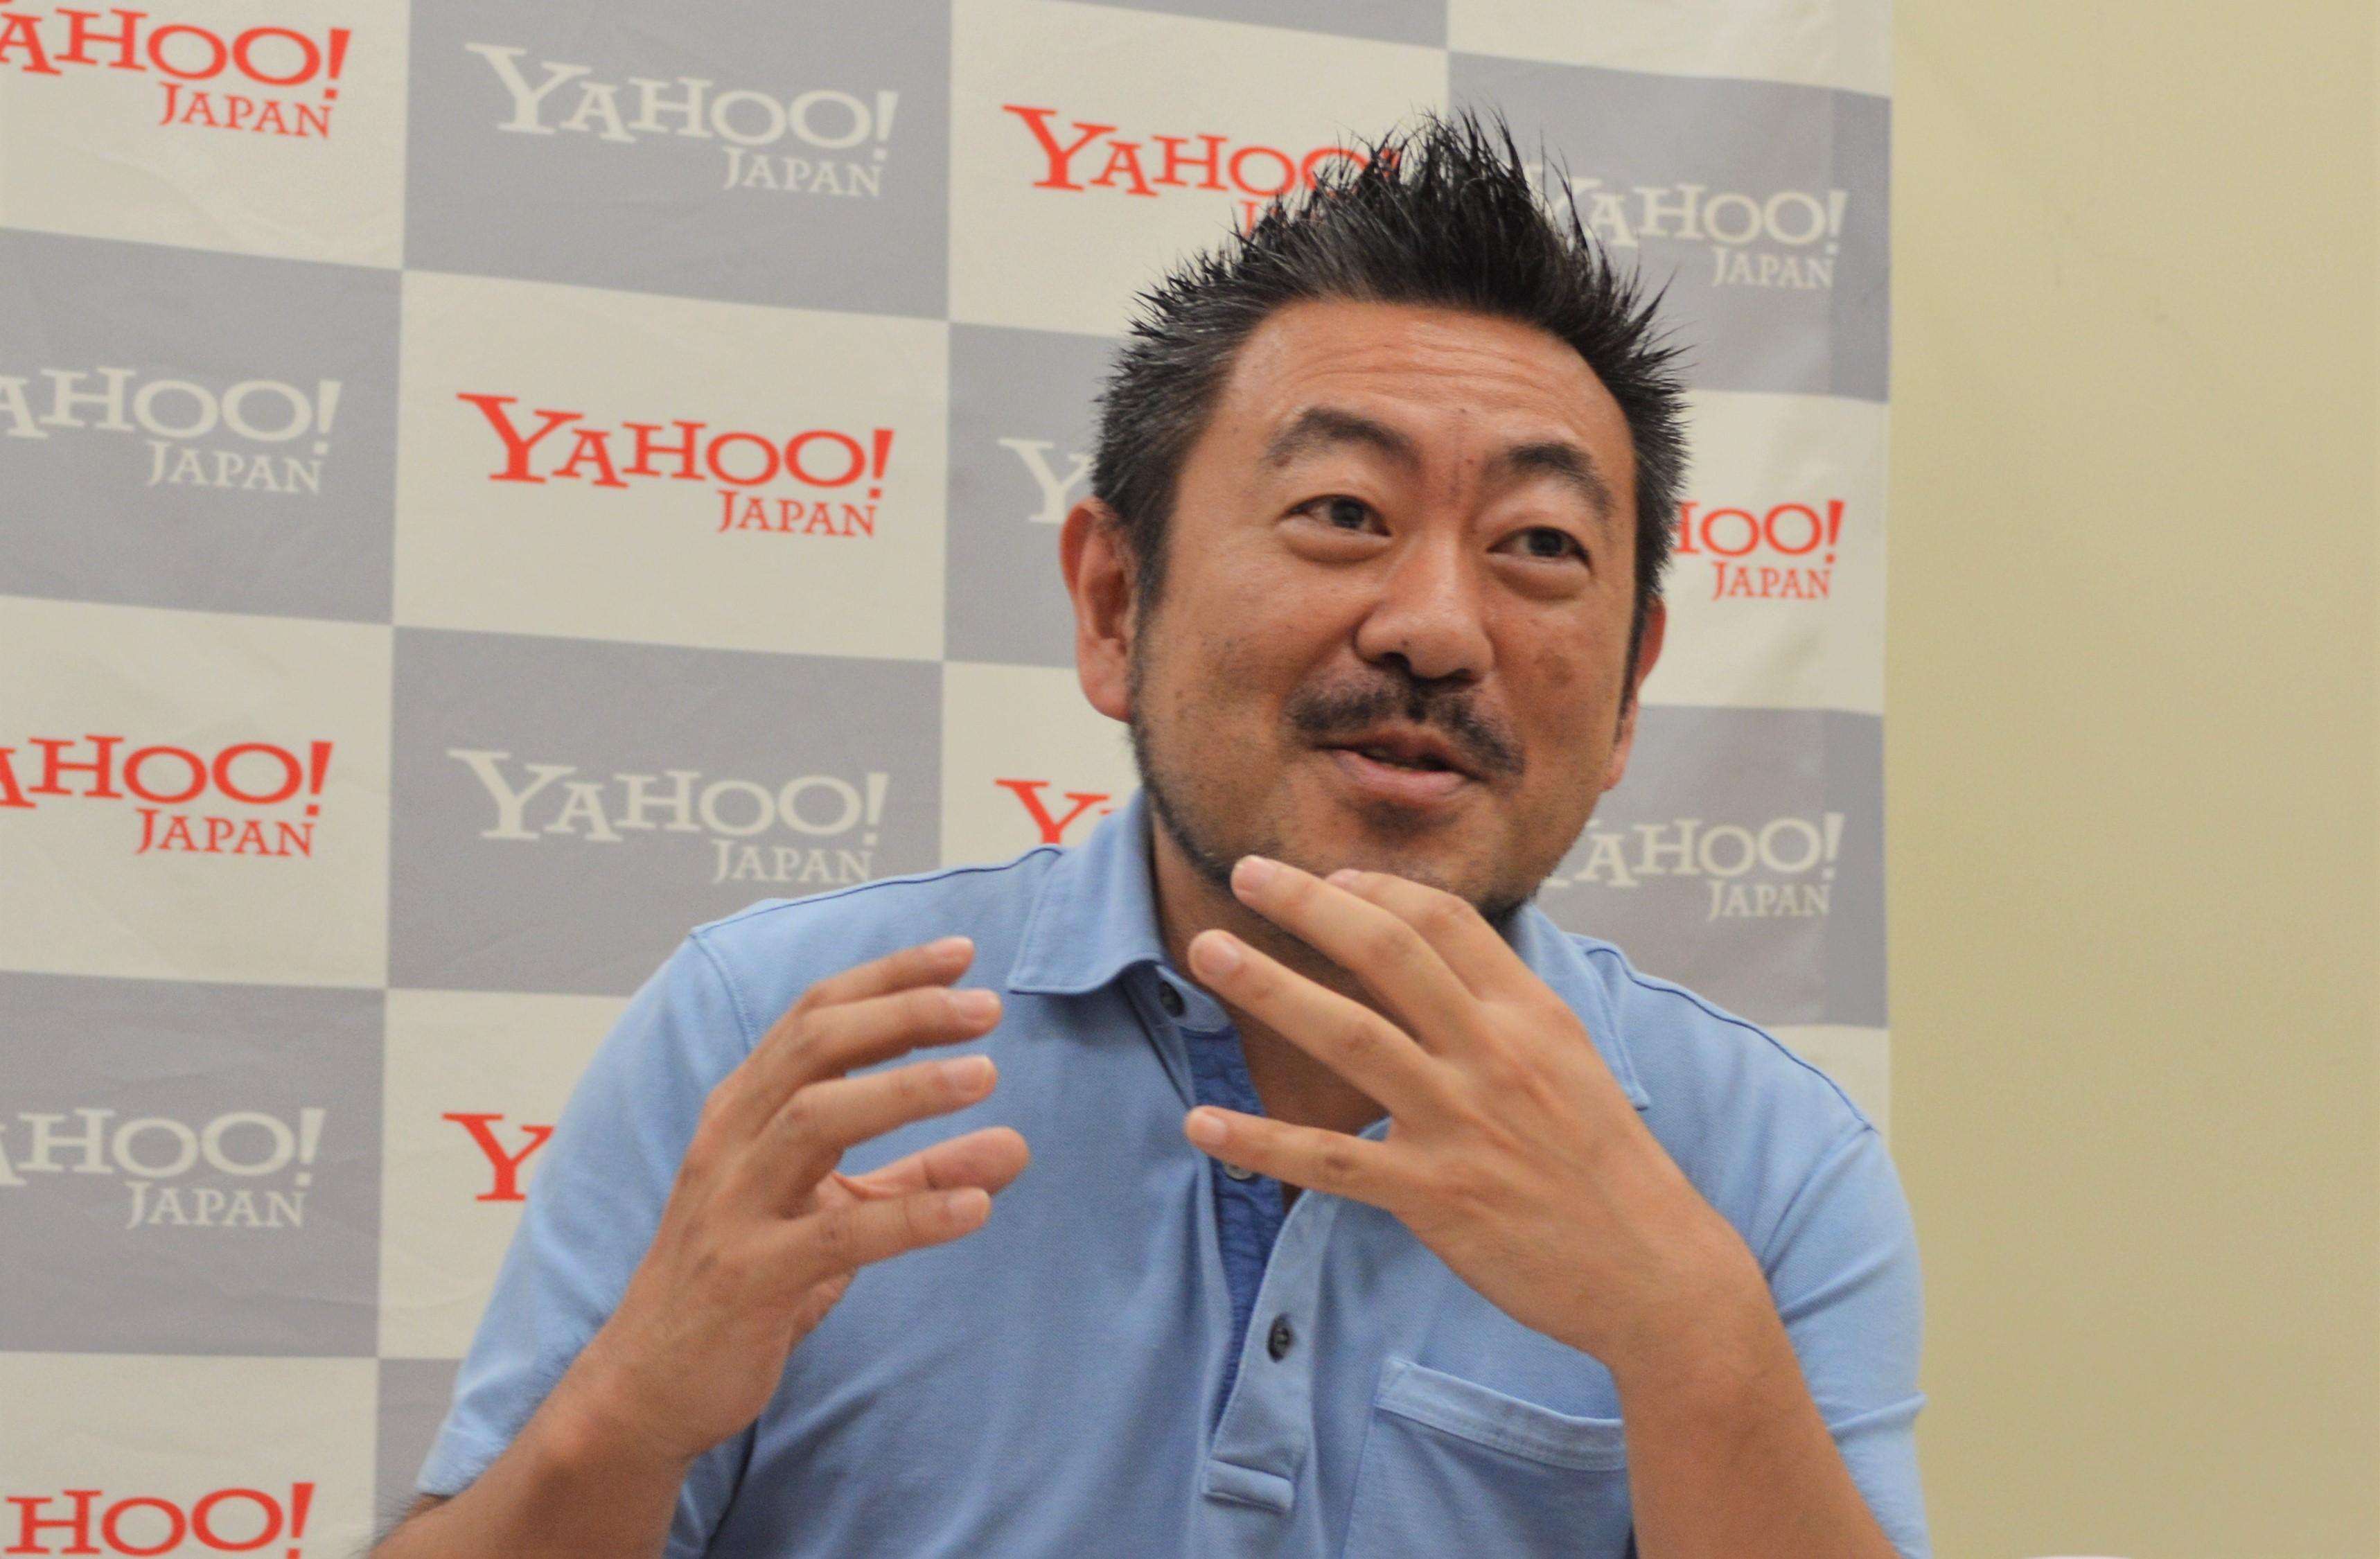 ヤフーの教育者 ・伊藤羊一氏に聞く。 伸びる起業家に共通する3つの ...